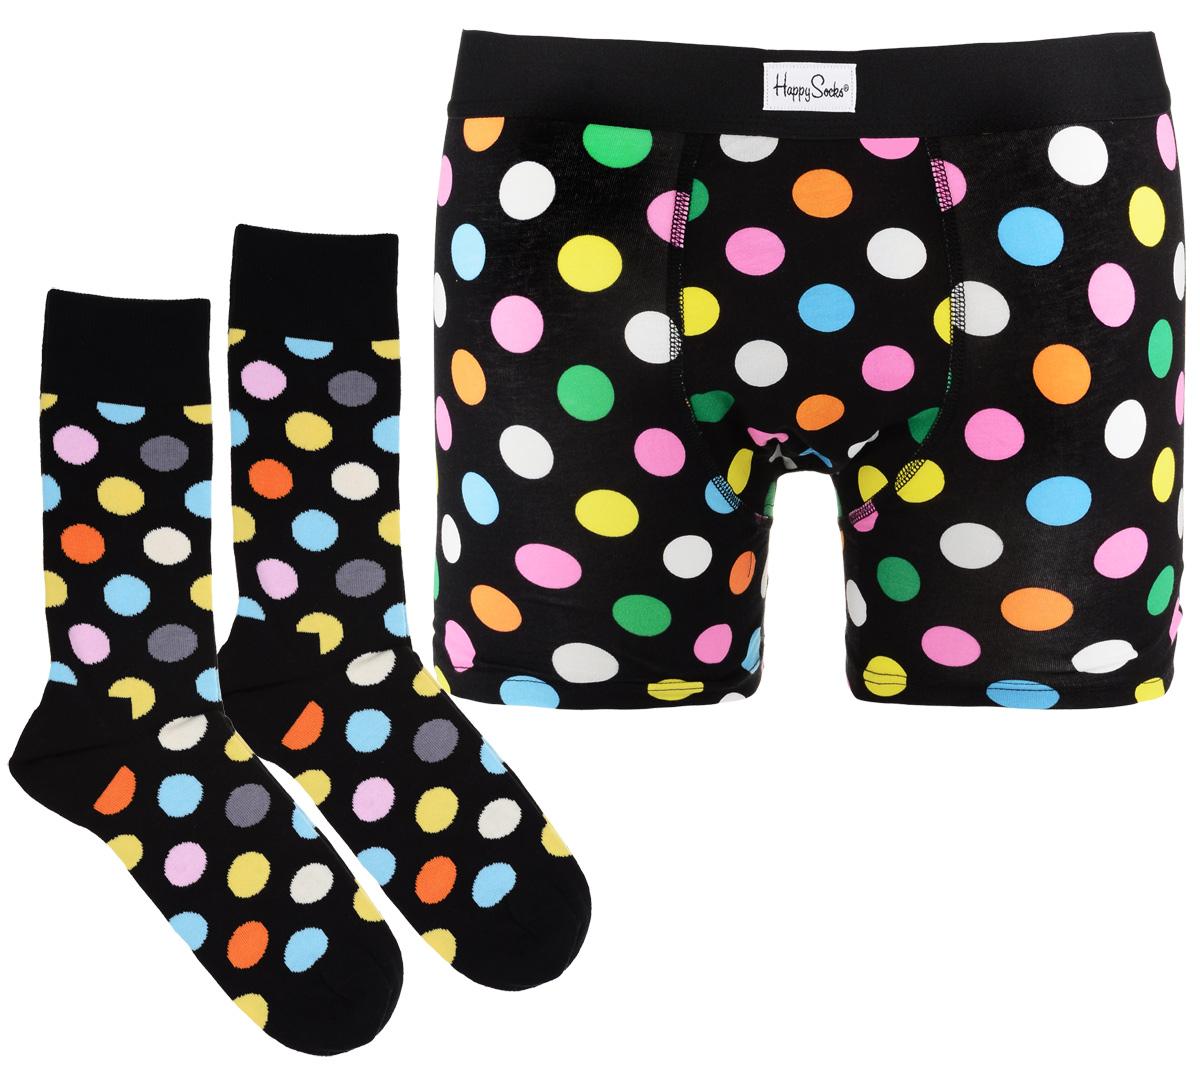 Комплект белья мужской Happy socks, цвет: черный, мультиколор. XBD61. Размер S (44)XBD61